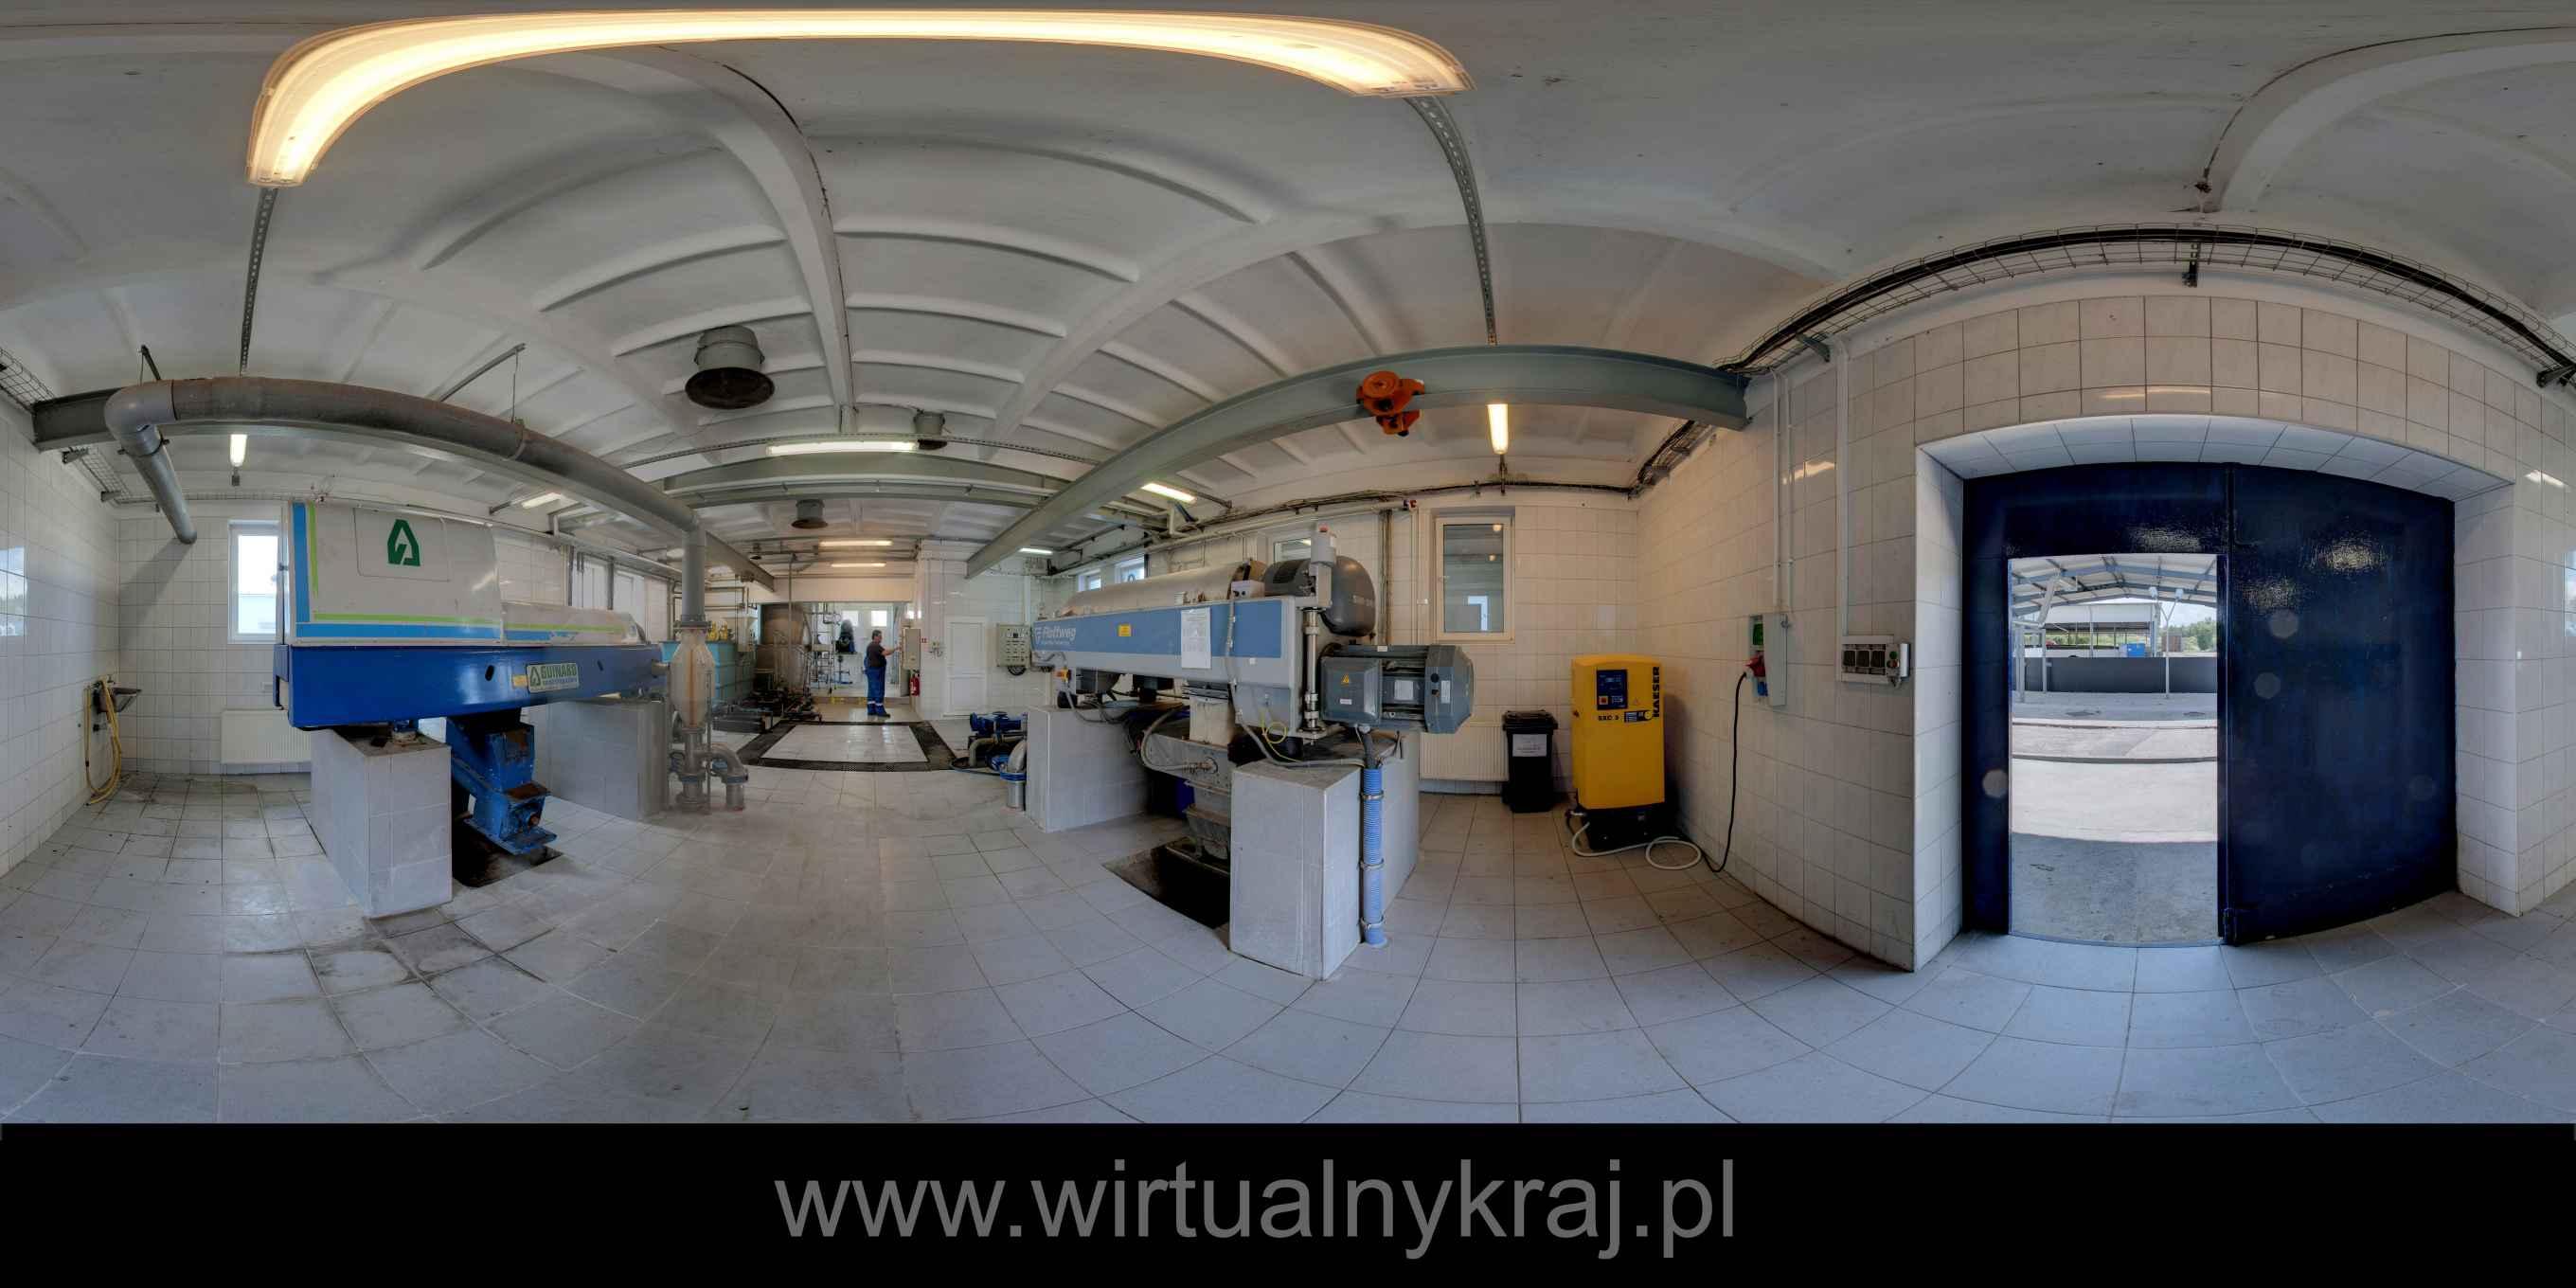 Prezentacja panoramiczna dla obiektu Wodociągi Słupsk